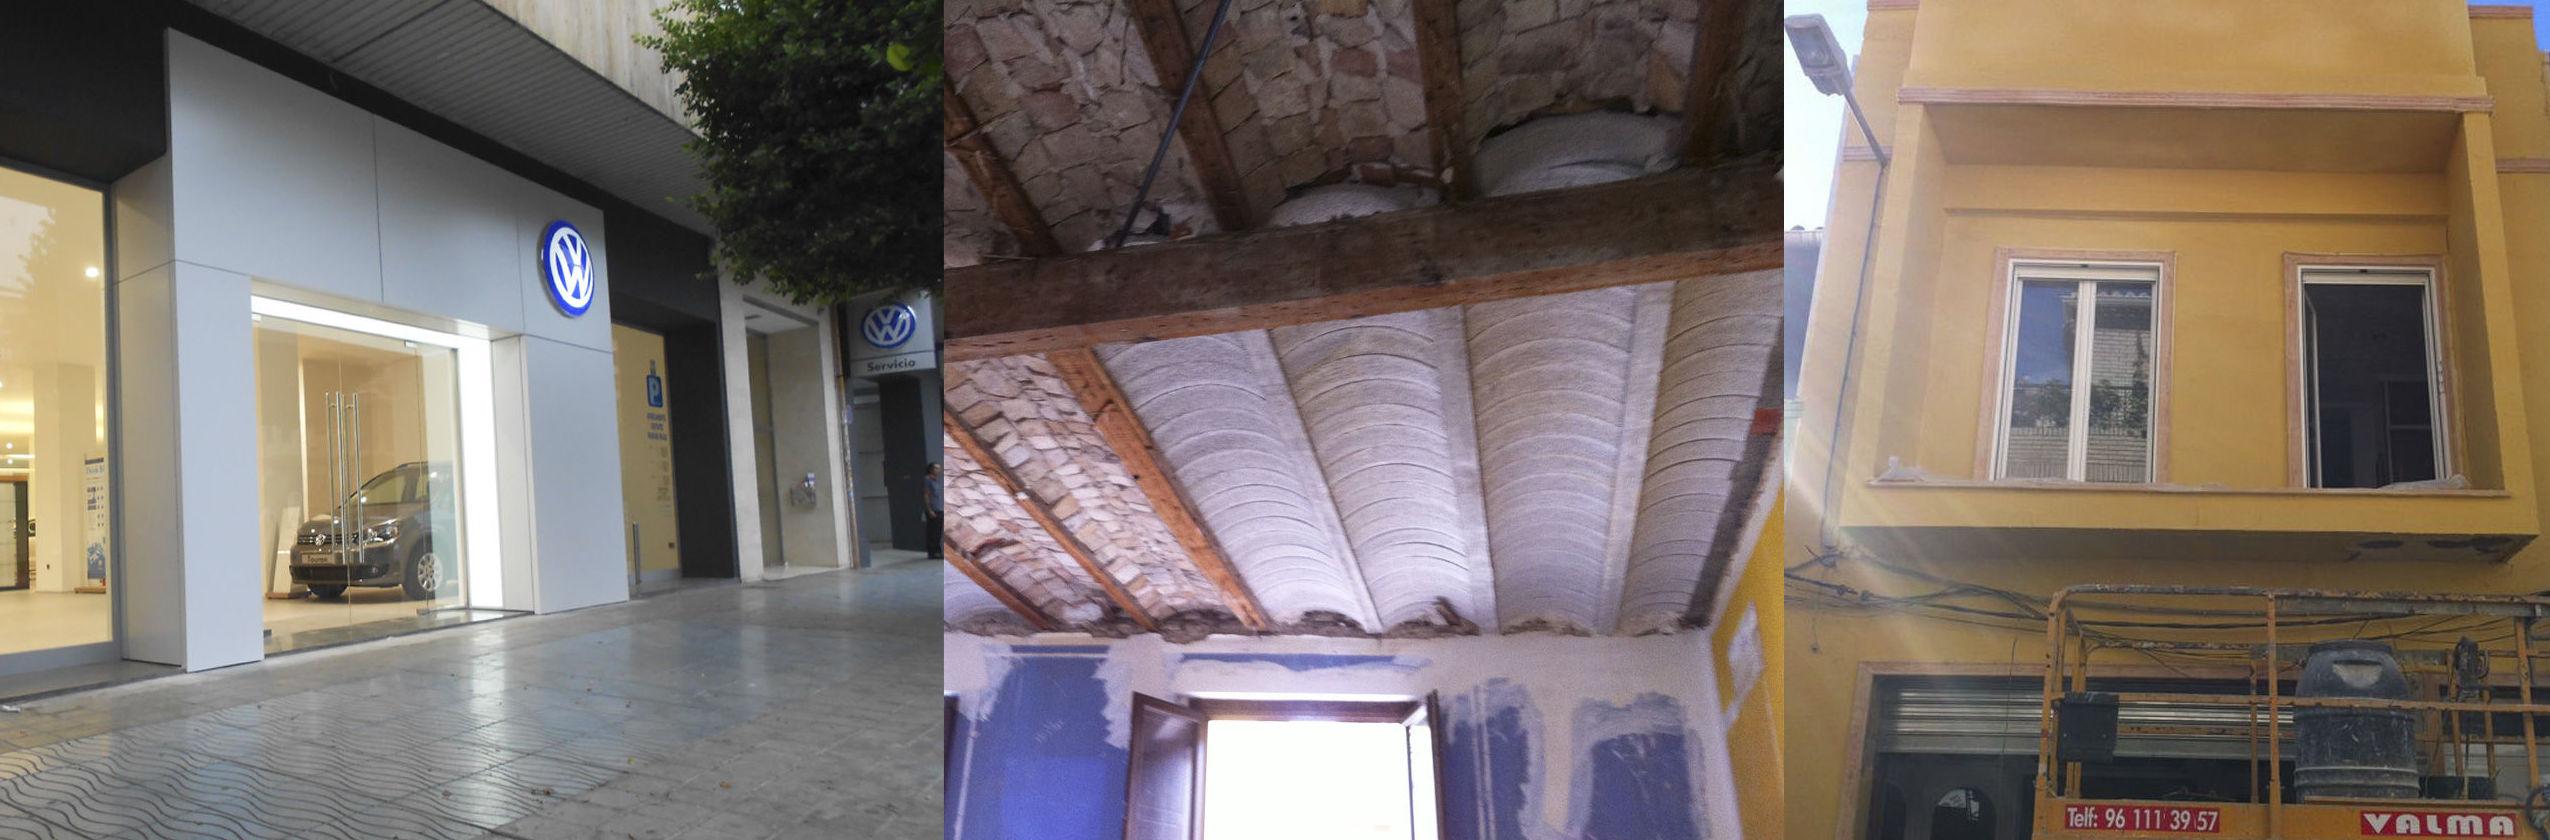 Reformas de edificios en Valencia